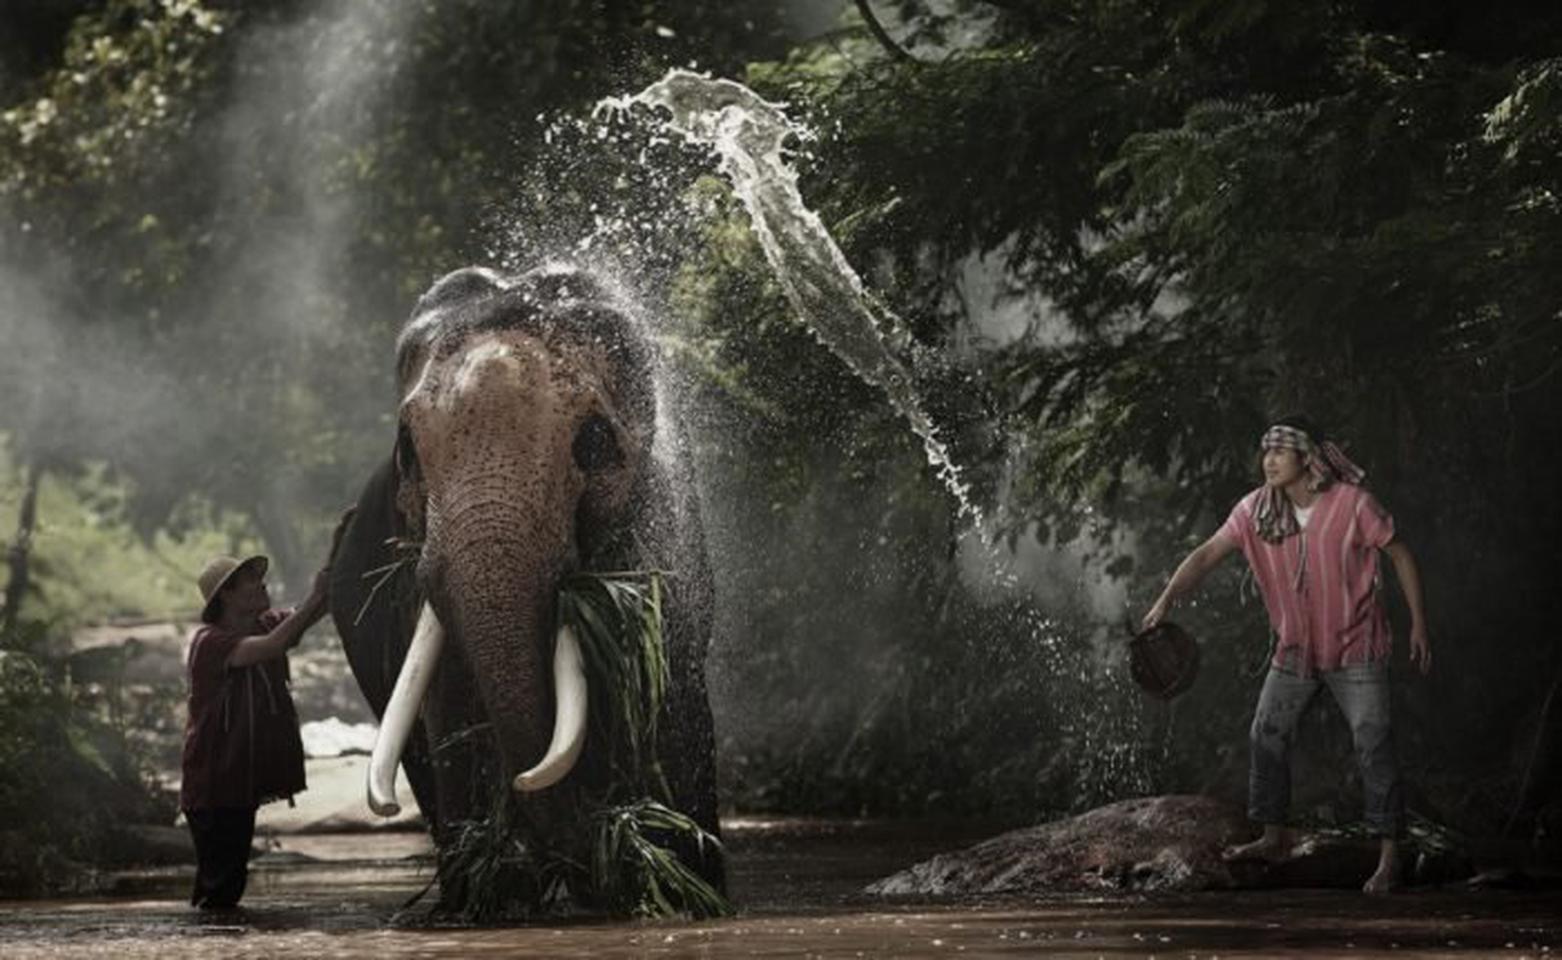 ปางช้างแม่แตง 1 วัน หลากหลายกิจกรรมสำหรับวันหยุด รูปที่ 1